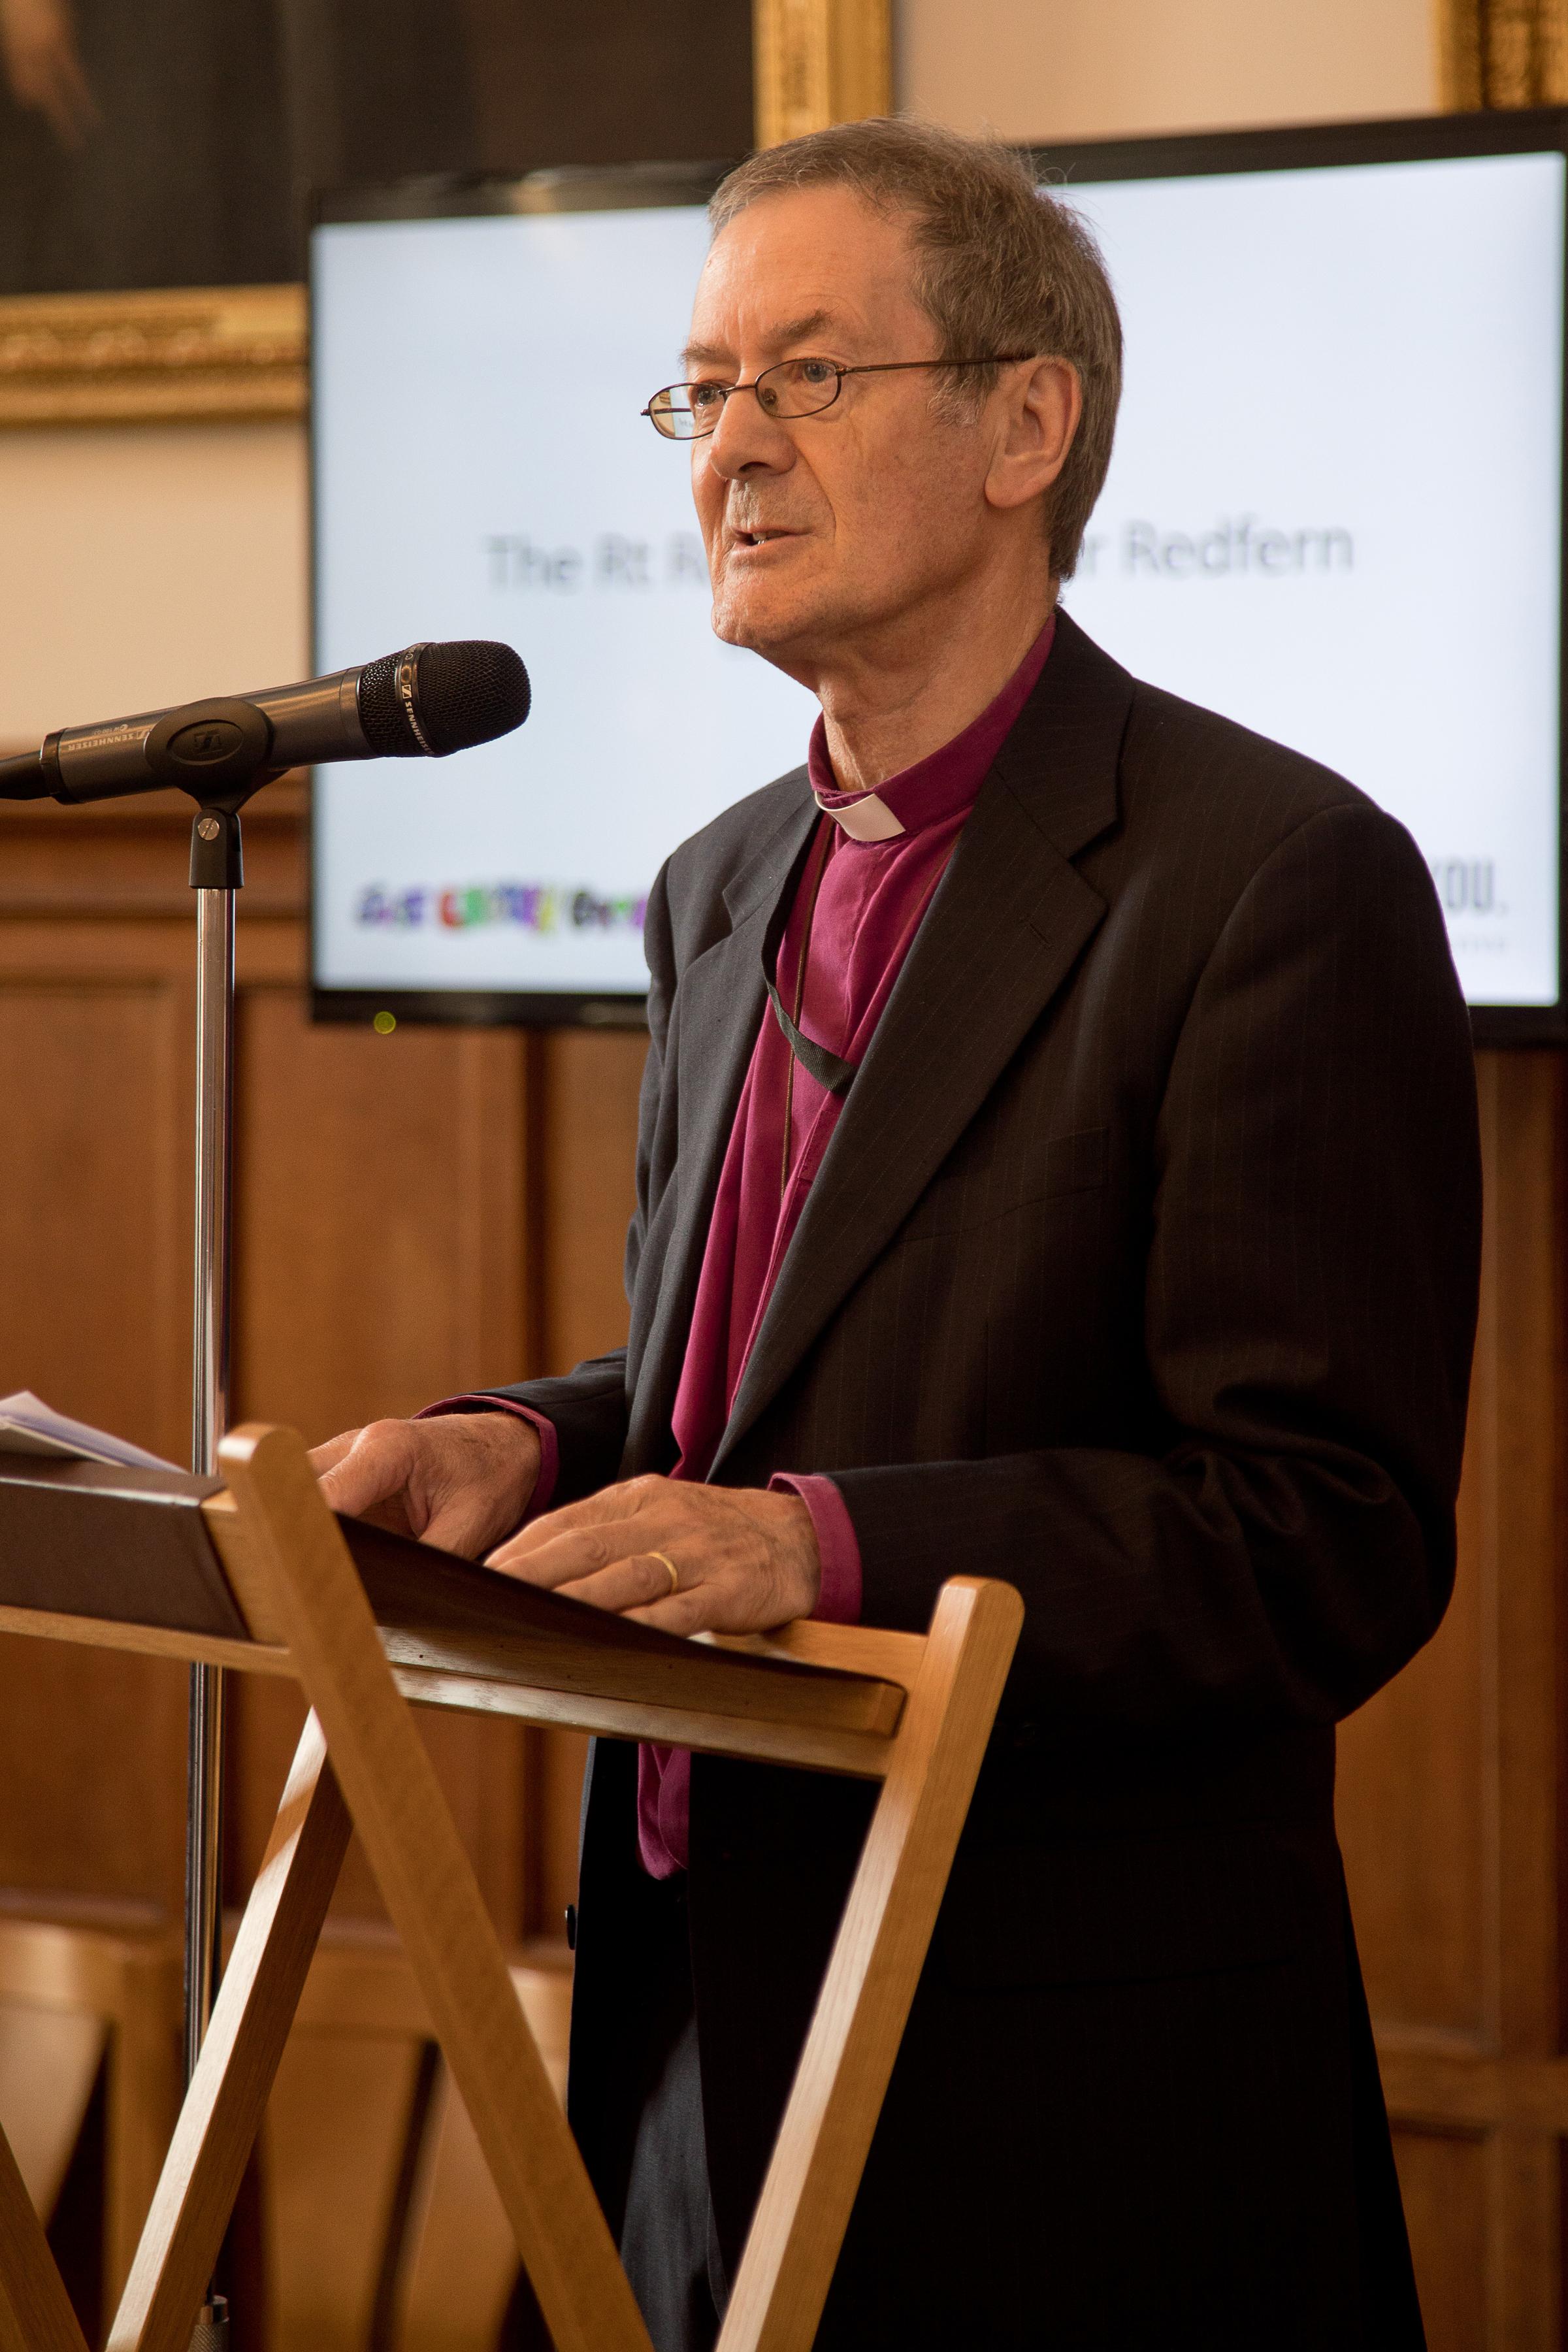 Bishop Alastair Redfern